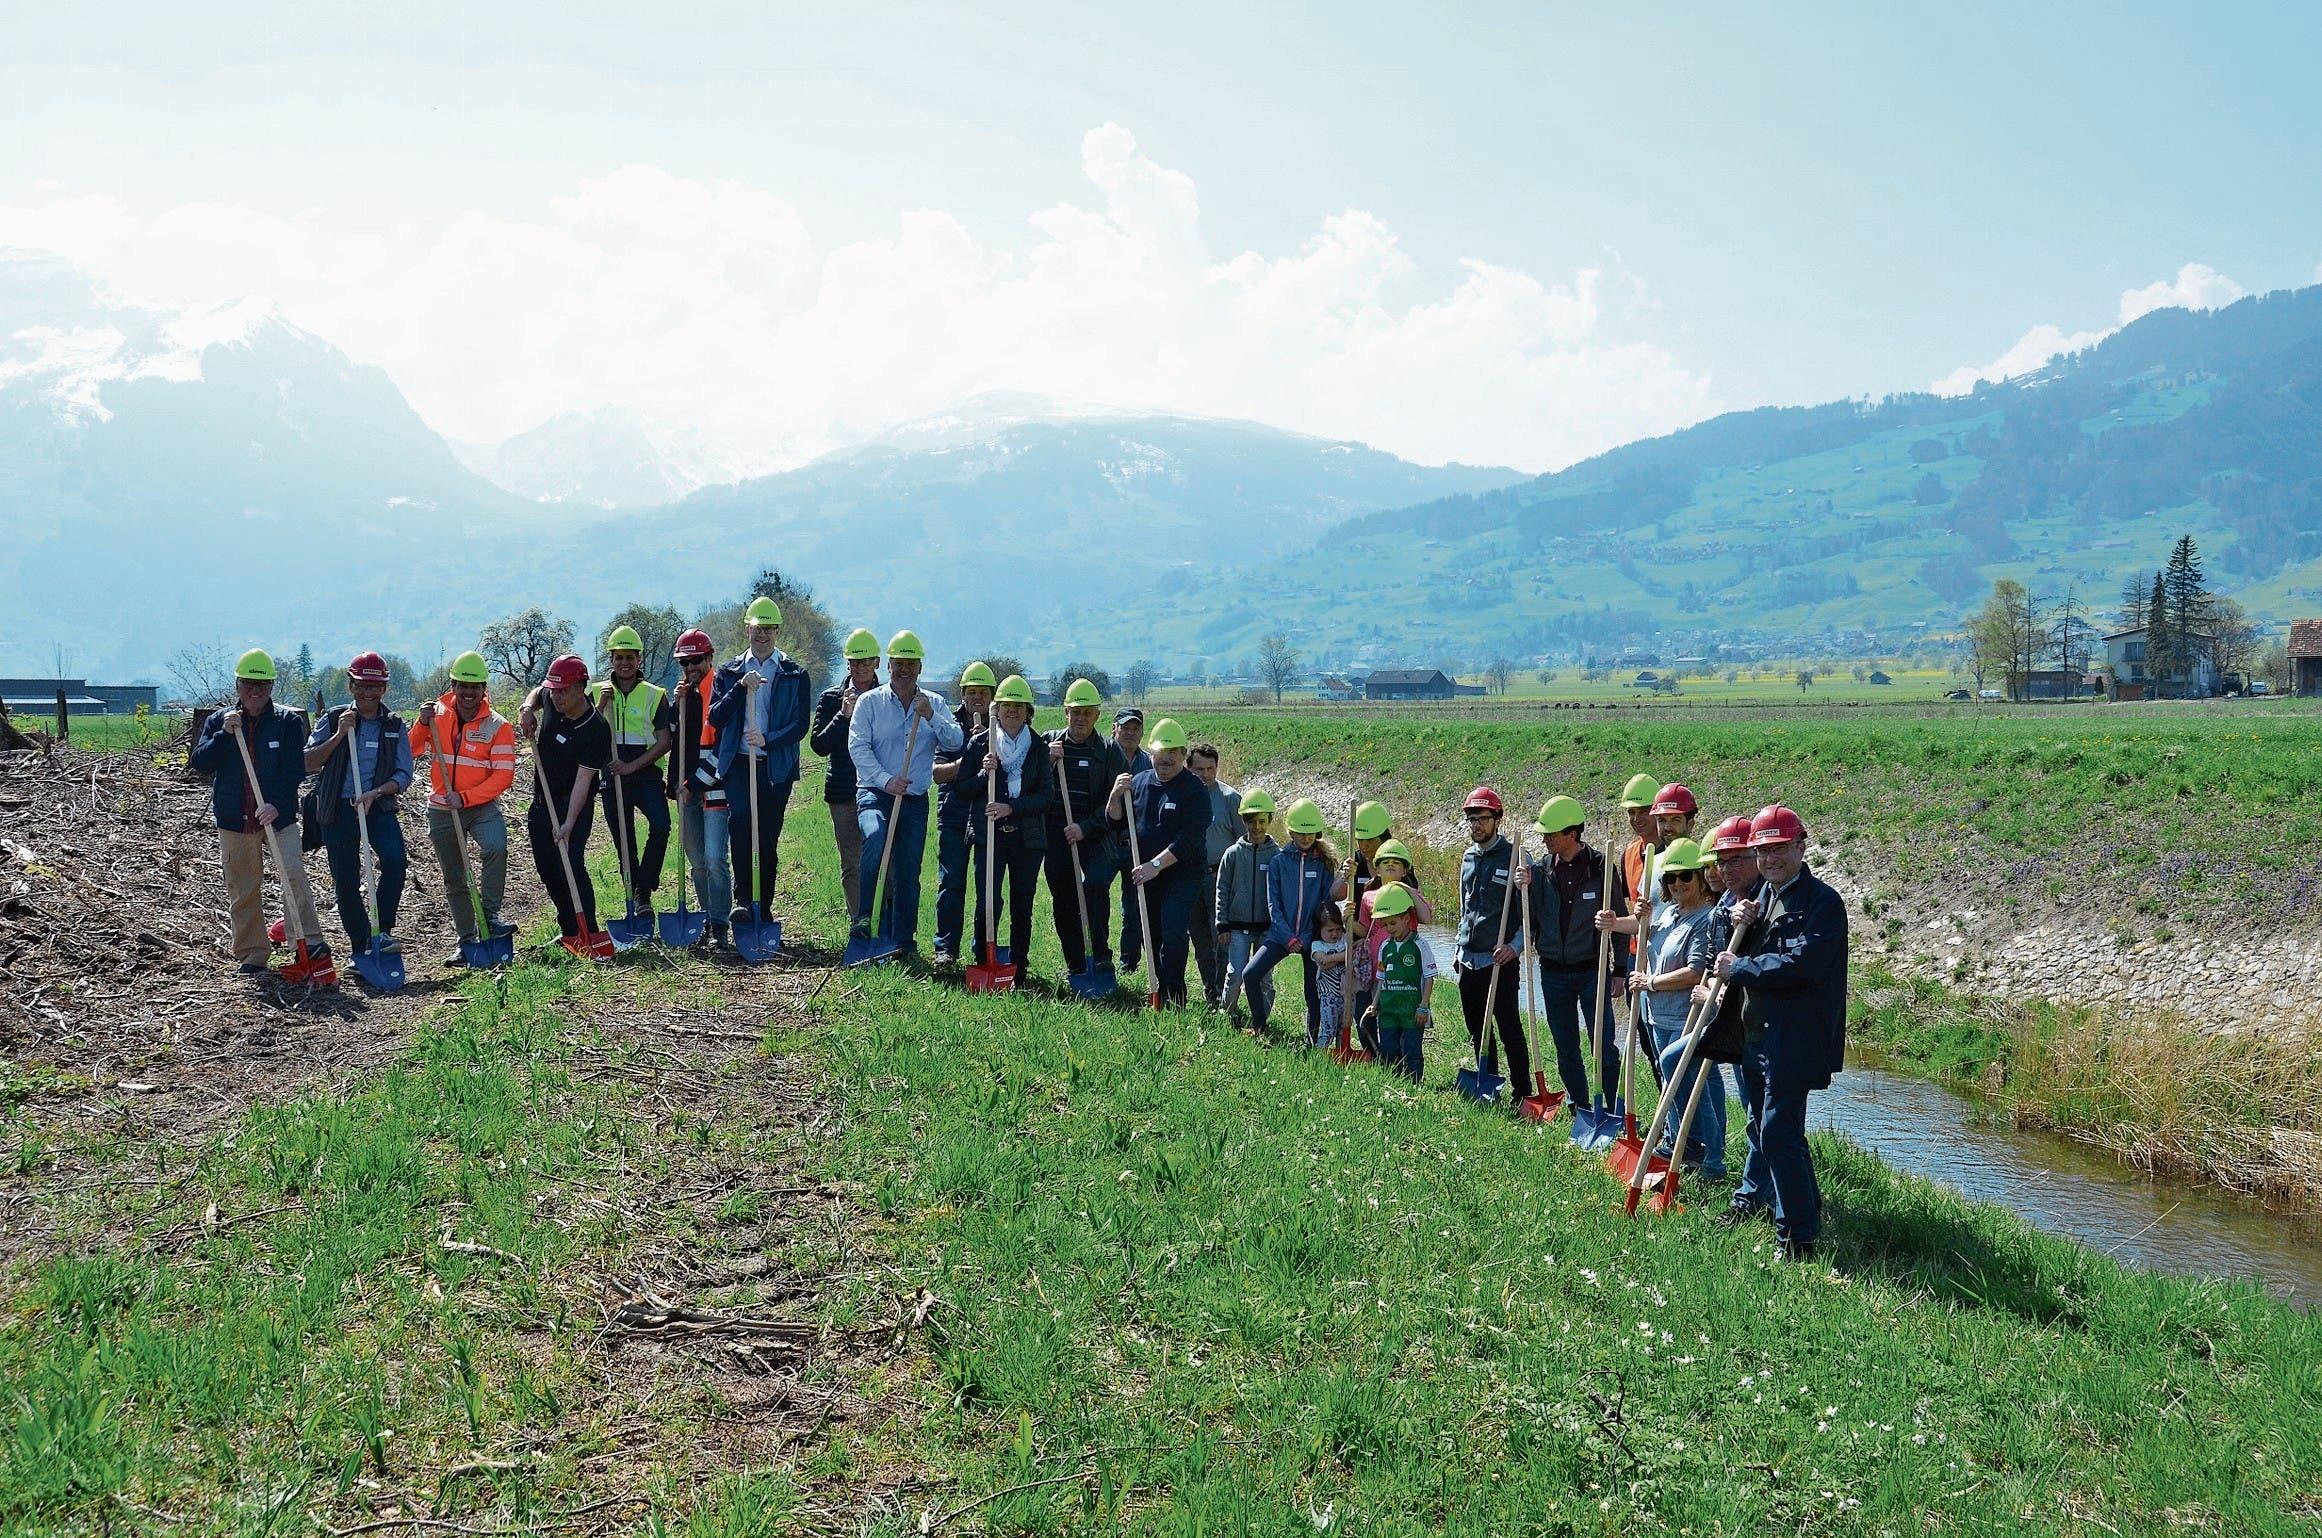 Mit dem Spatenstich vom Mittwoch erfolgte der Startschuss für die Arbeiten der Simmi-Renaturierung. (Bilder: Corinne Hanselmann)